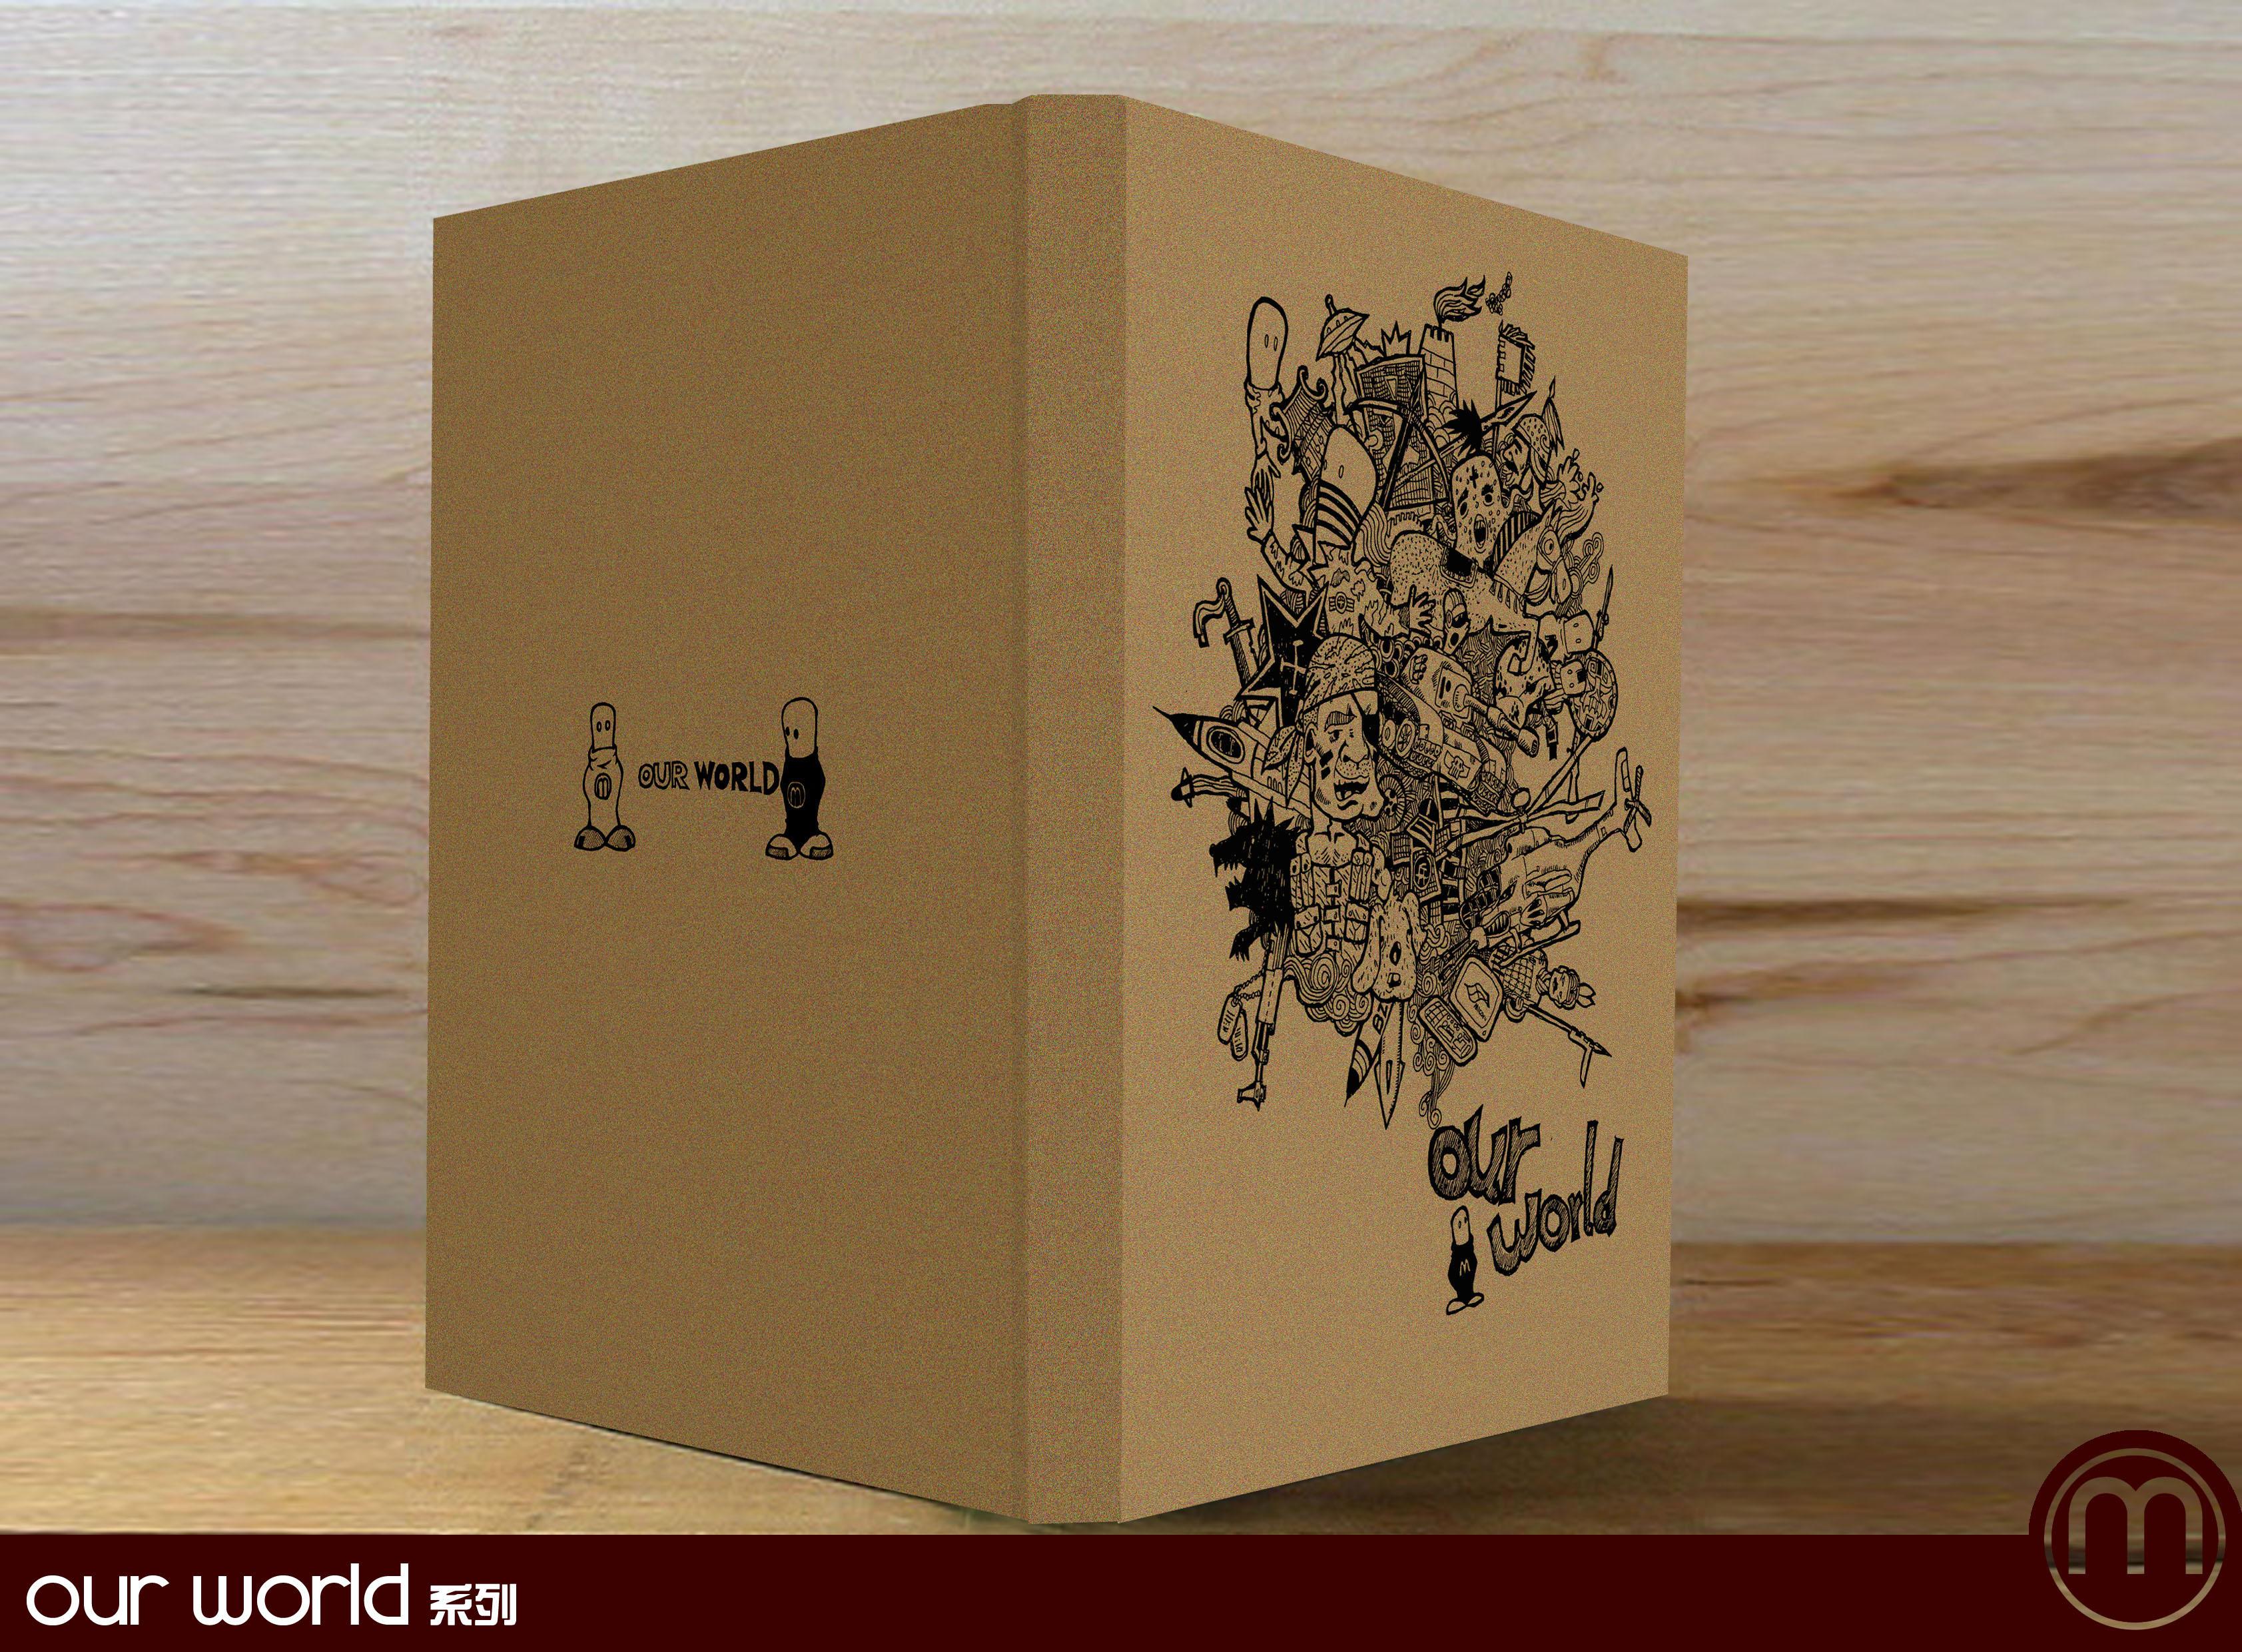 另外一套笔记本设计,个人觉得牛皮纸材质图片